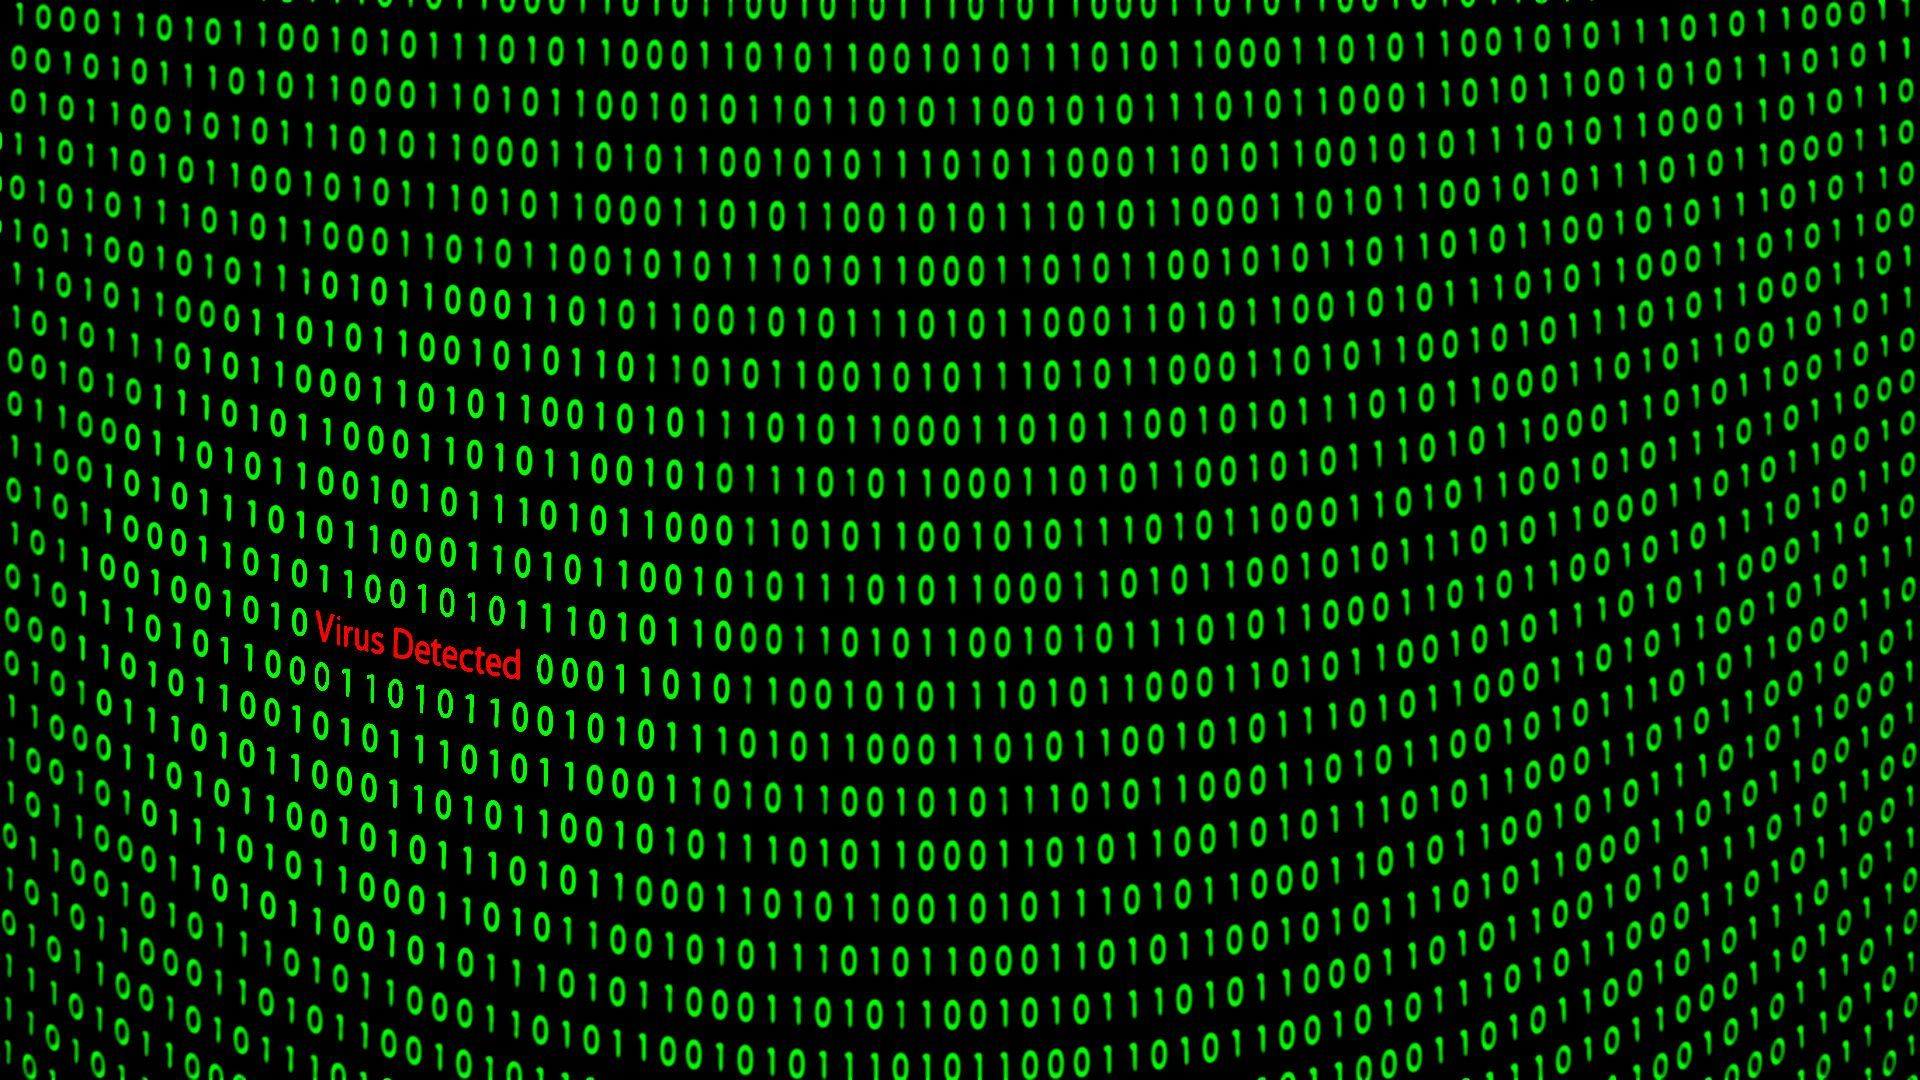 Hackers Wallpaper HD By Pcbots PartVI ~ PCbots Labs Hacker Wallpaper Wallpapers)